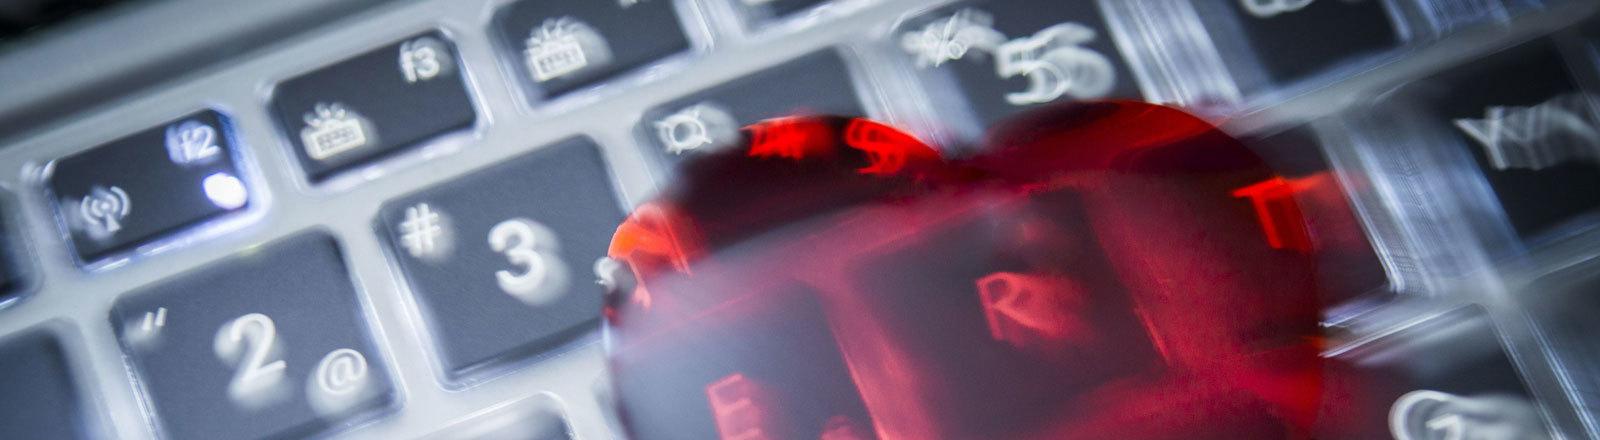 Herz auf Tastatur, Ausschnitt